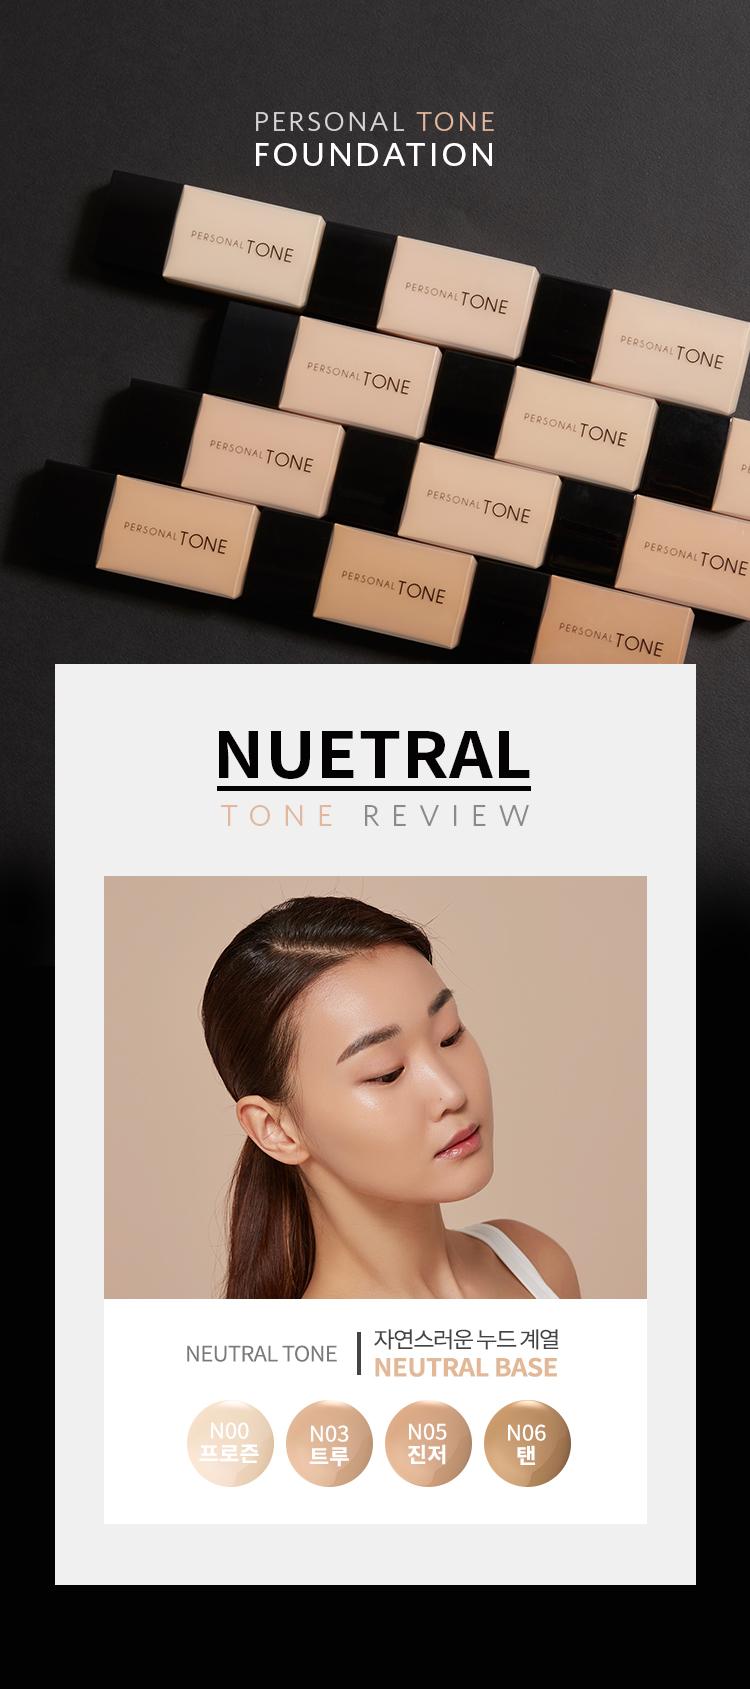 Apieu_Personal_Tone_Foundation_Nuetral_Review_01.jpg